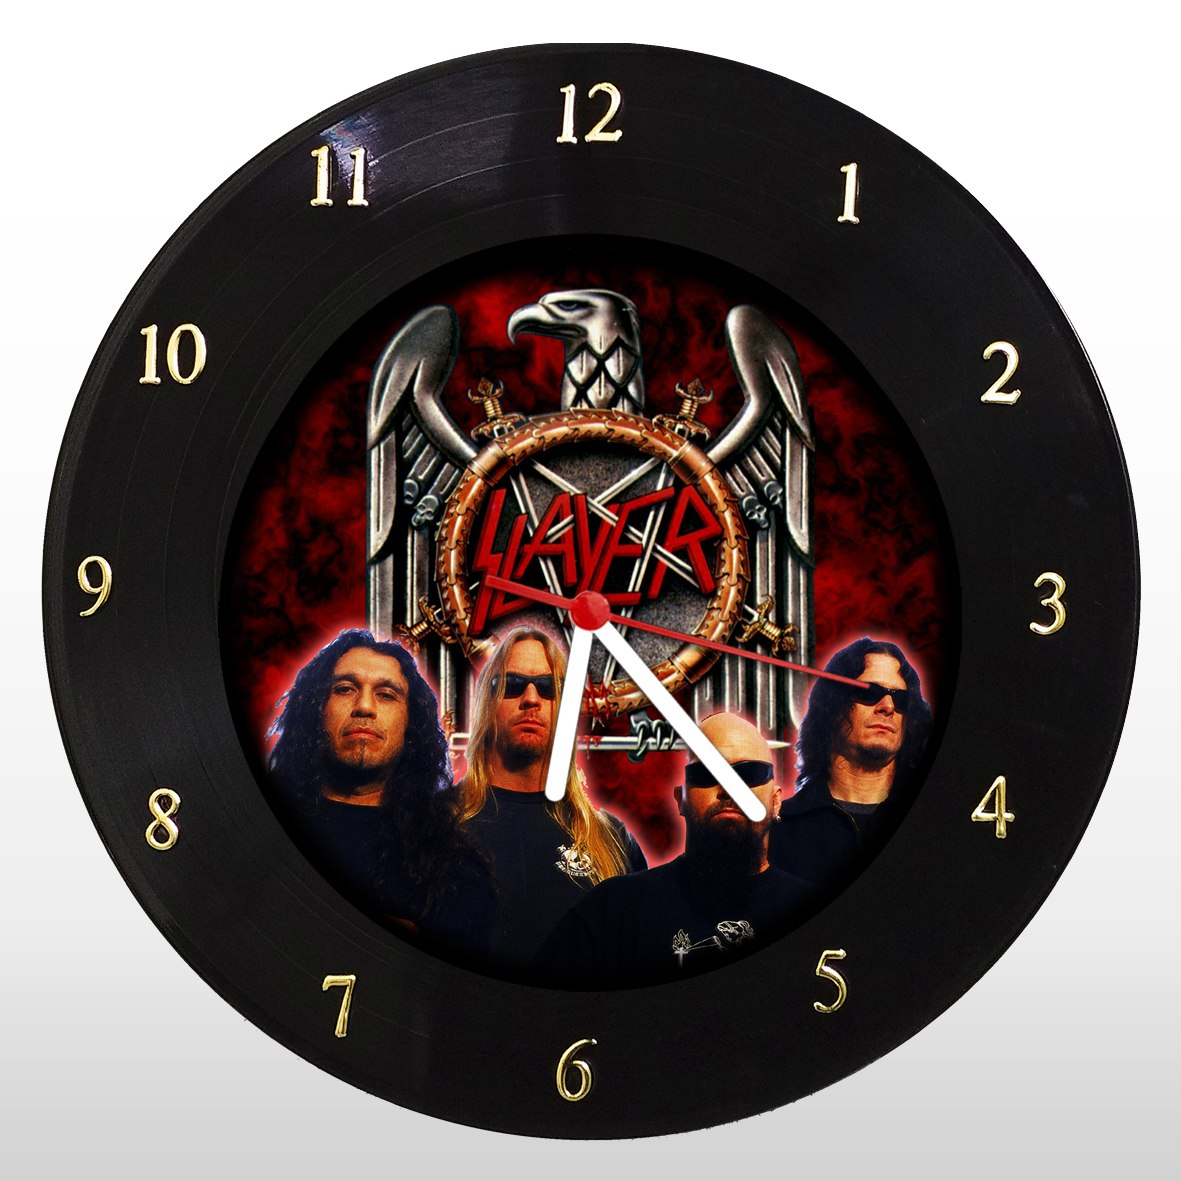 Relógio de Parede em Disco de Vinil Mr. Rock Slayer